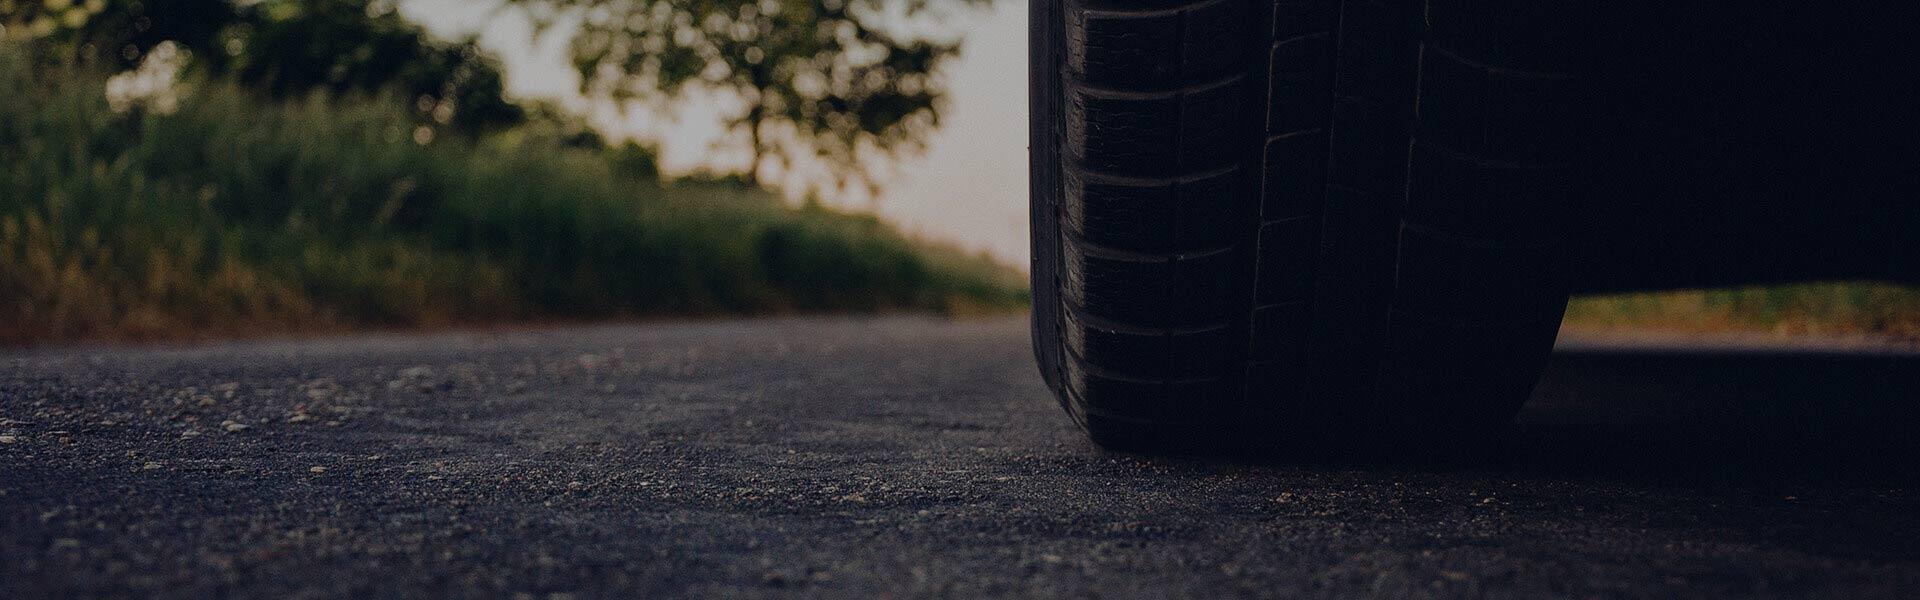 Reifenwechsel Sommerreifen oder Winterreifen Reifendienst KFZ & Reifendienst Bachmann